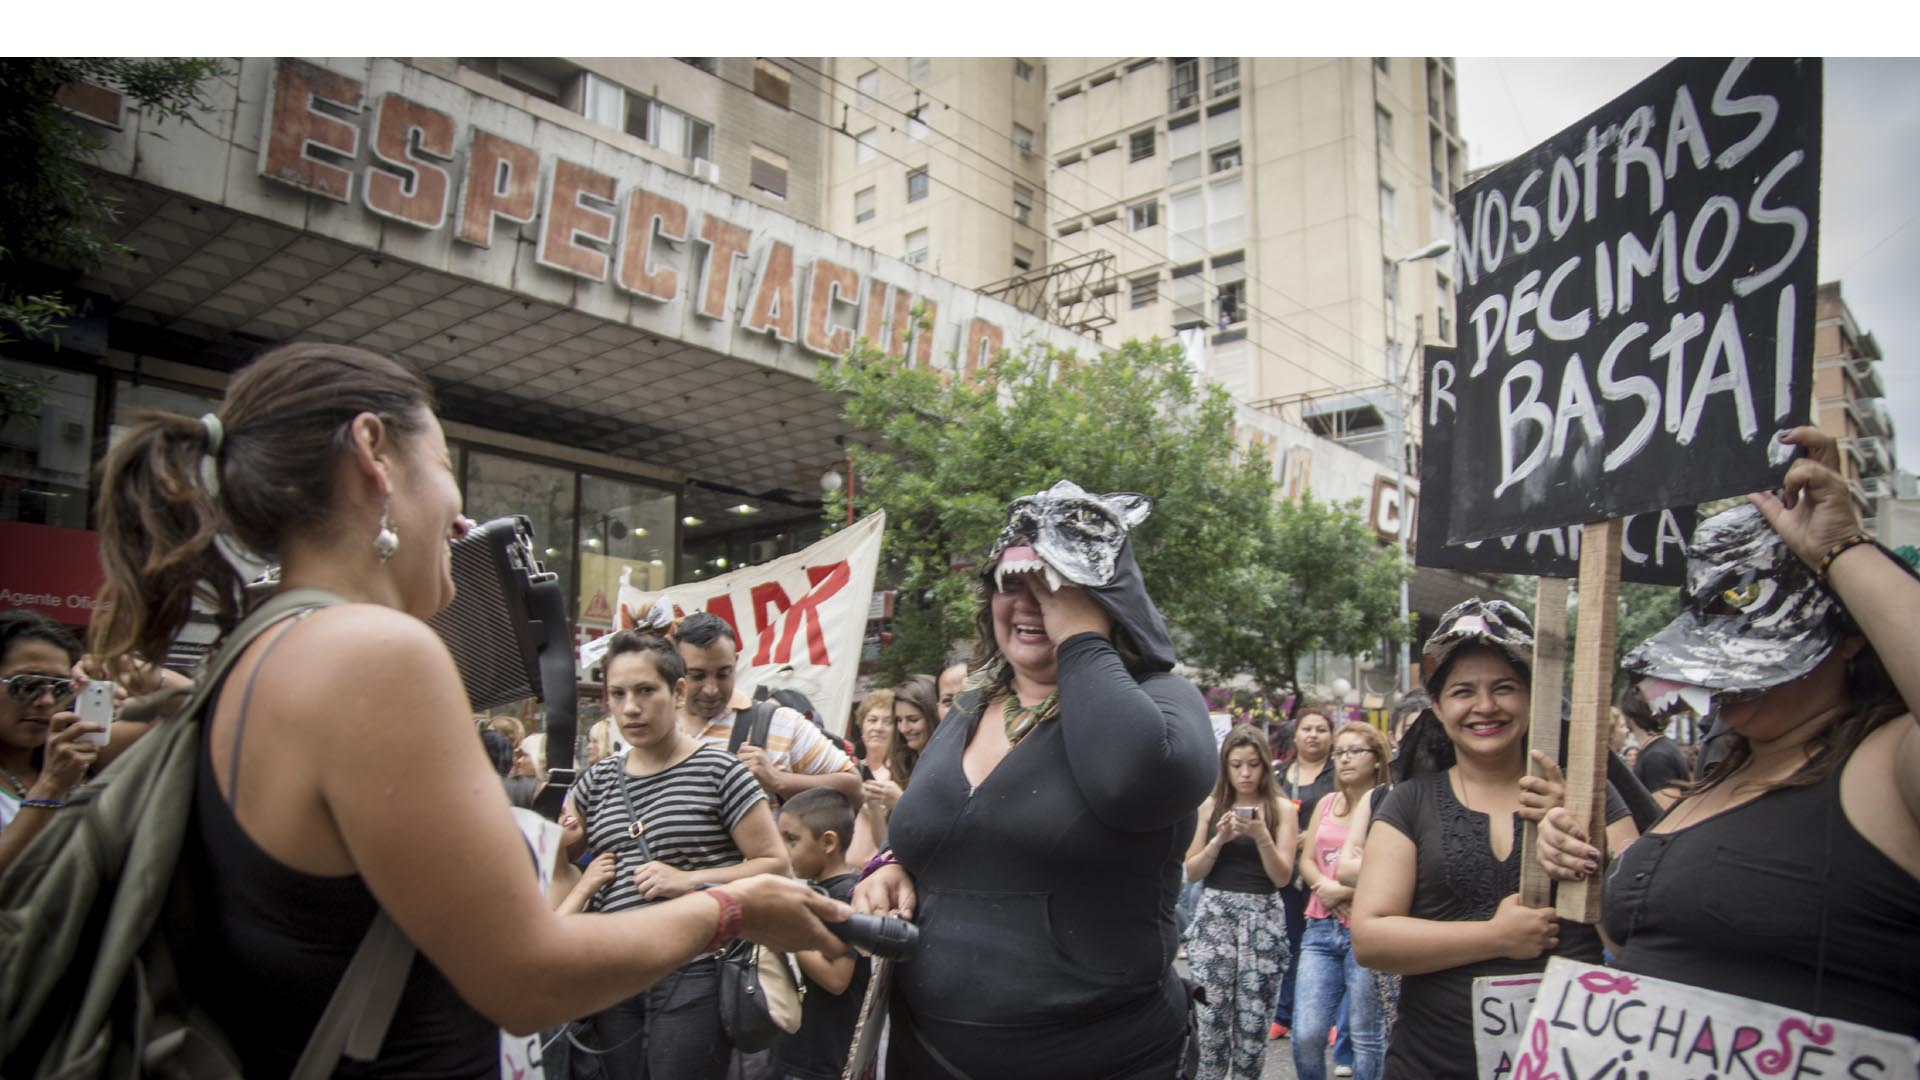 La presidenta de la Comunidad de Madrid, Cristina Cifuentes, afirmó que se potenciarán y aumentarán medidas para evitar este flagelo